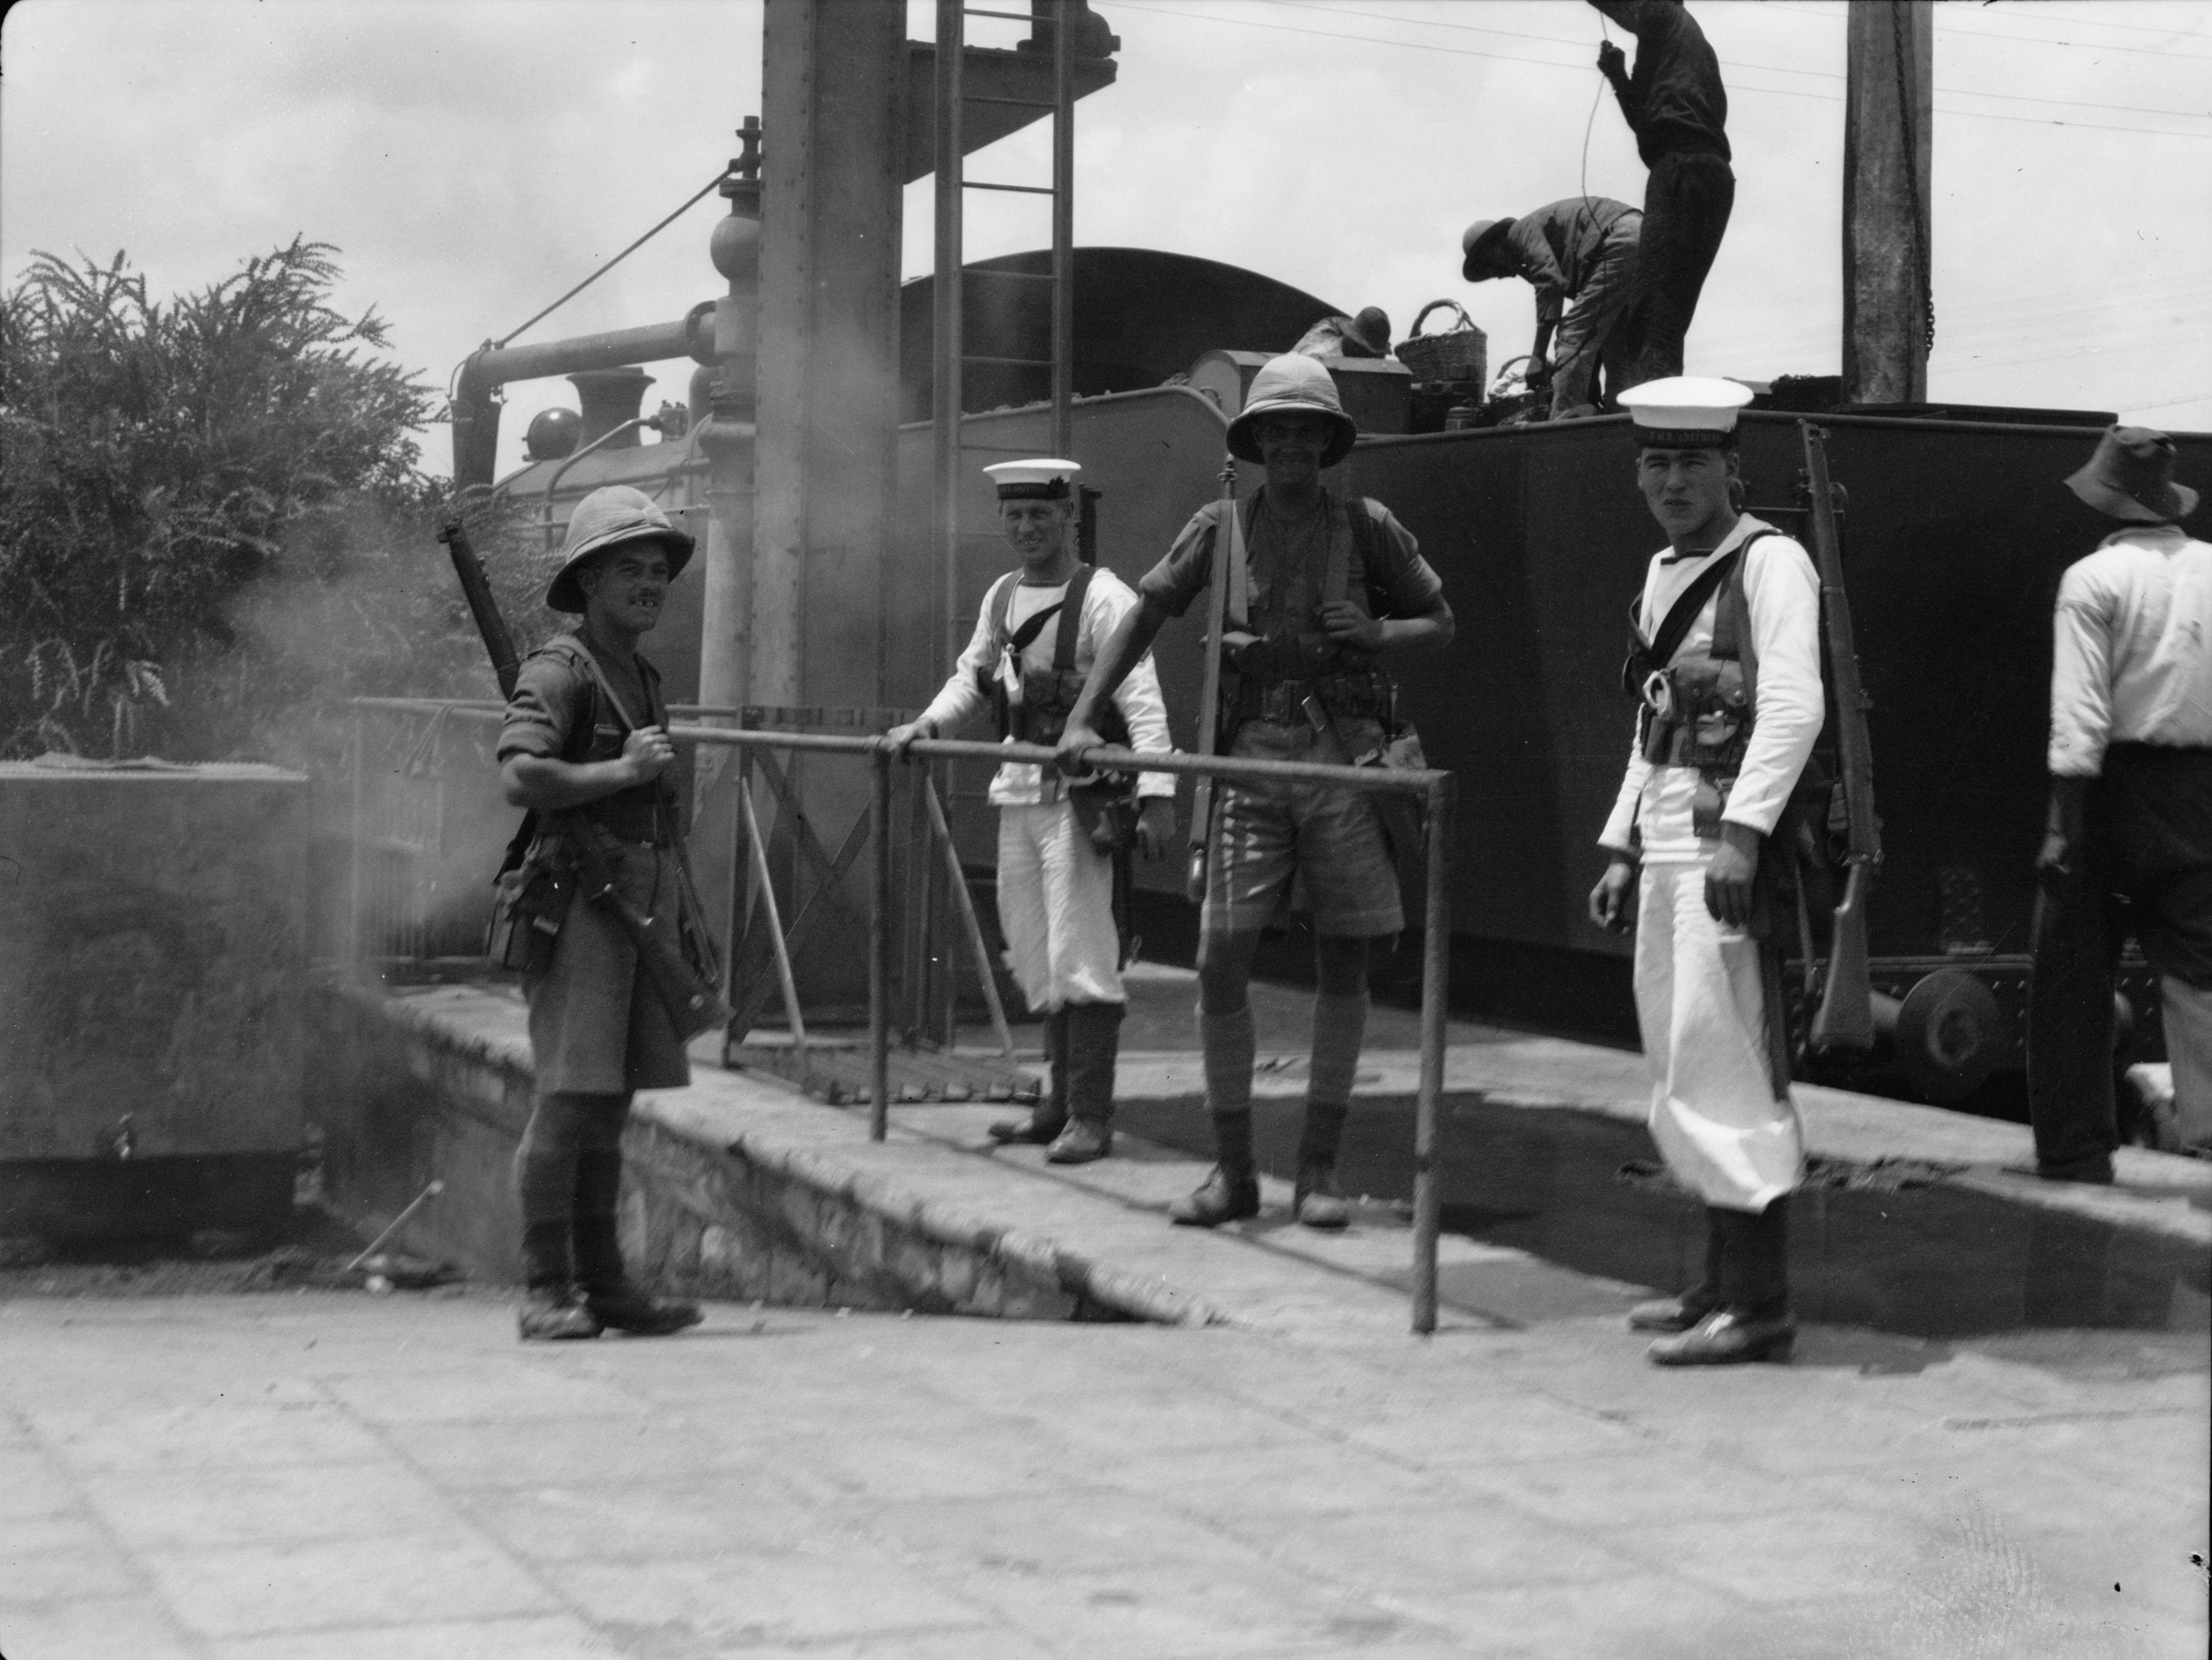 1936. Британские морские пехотинцы выполняют обязанности по охране железных дорог Палестины